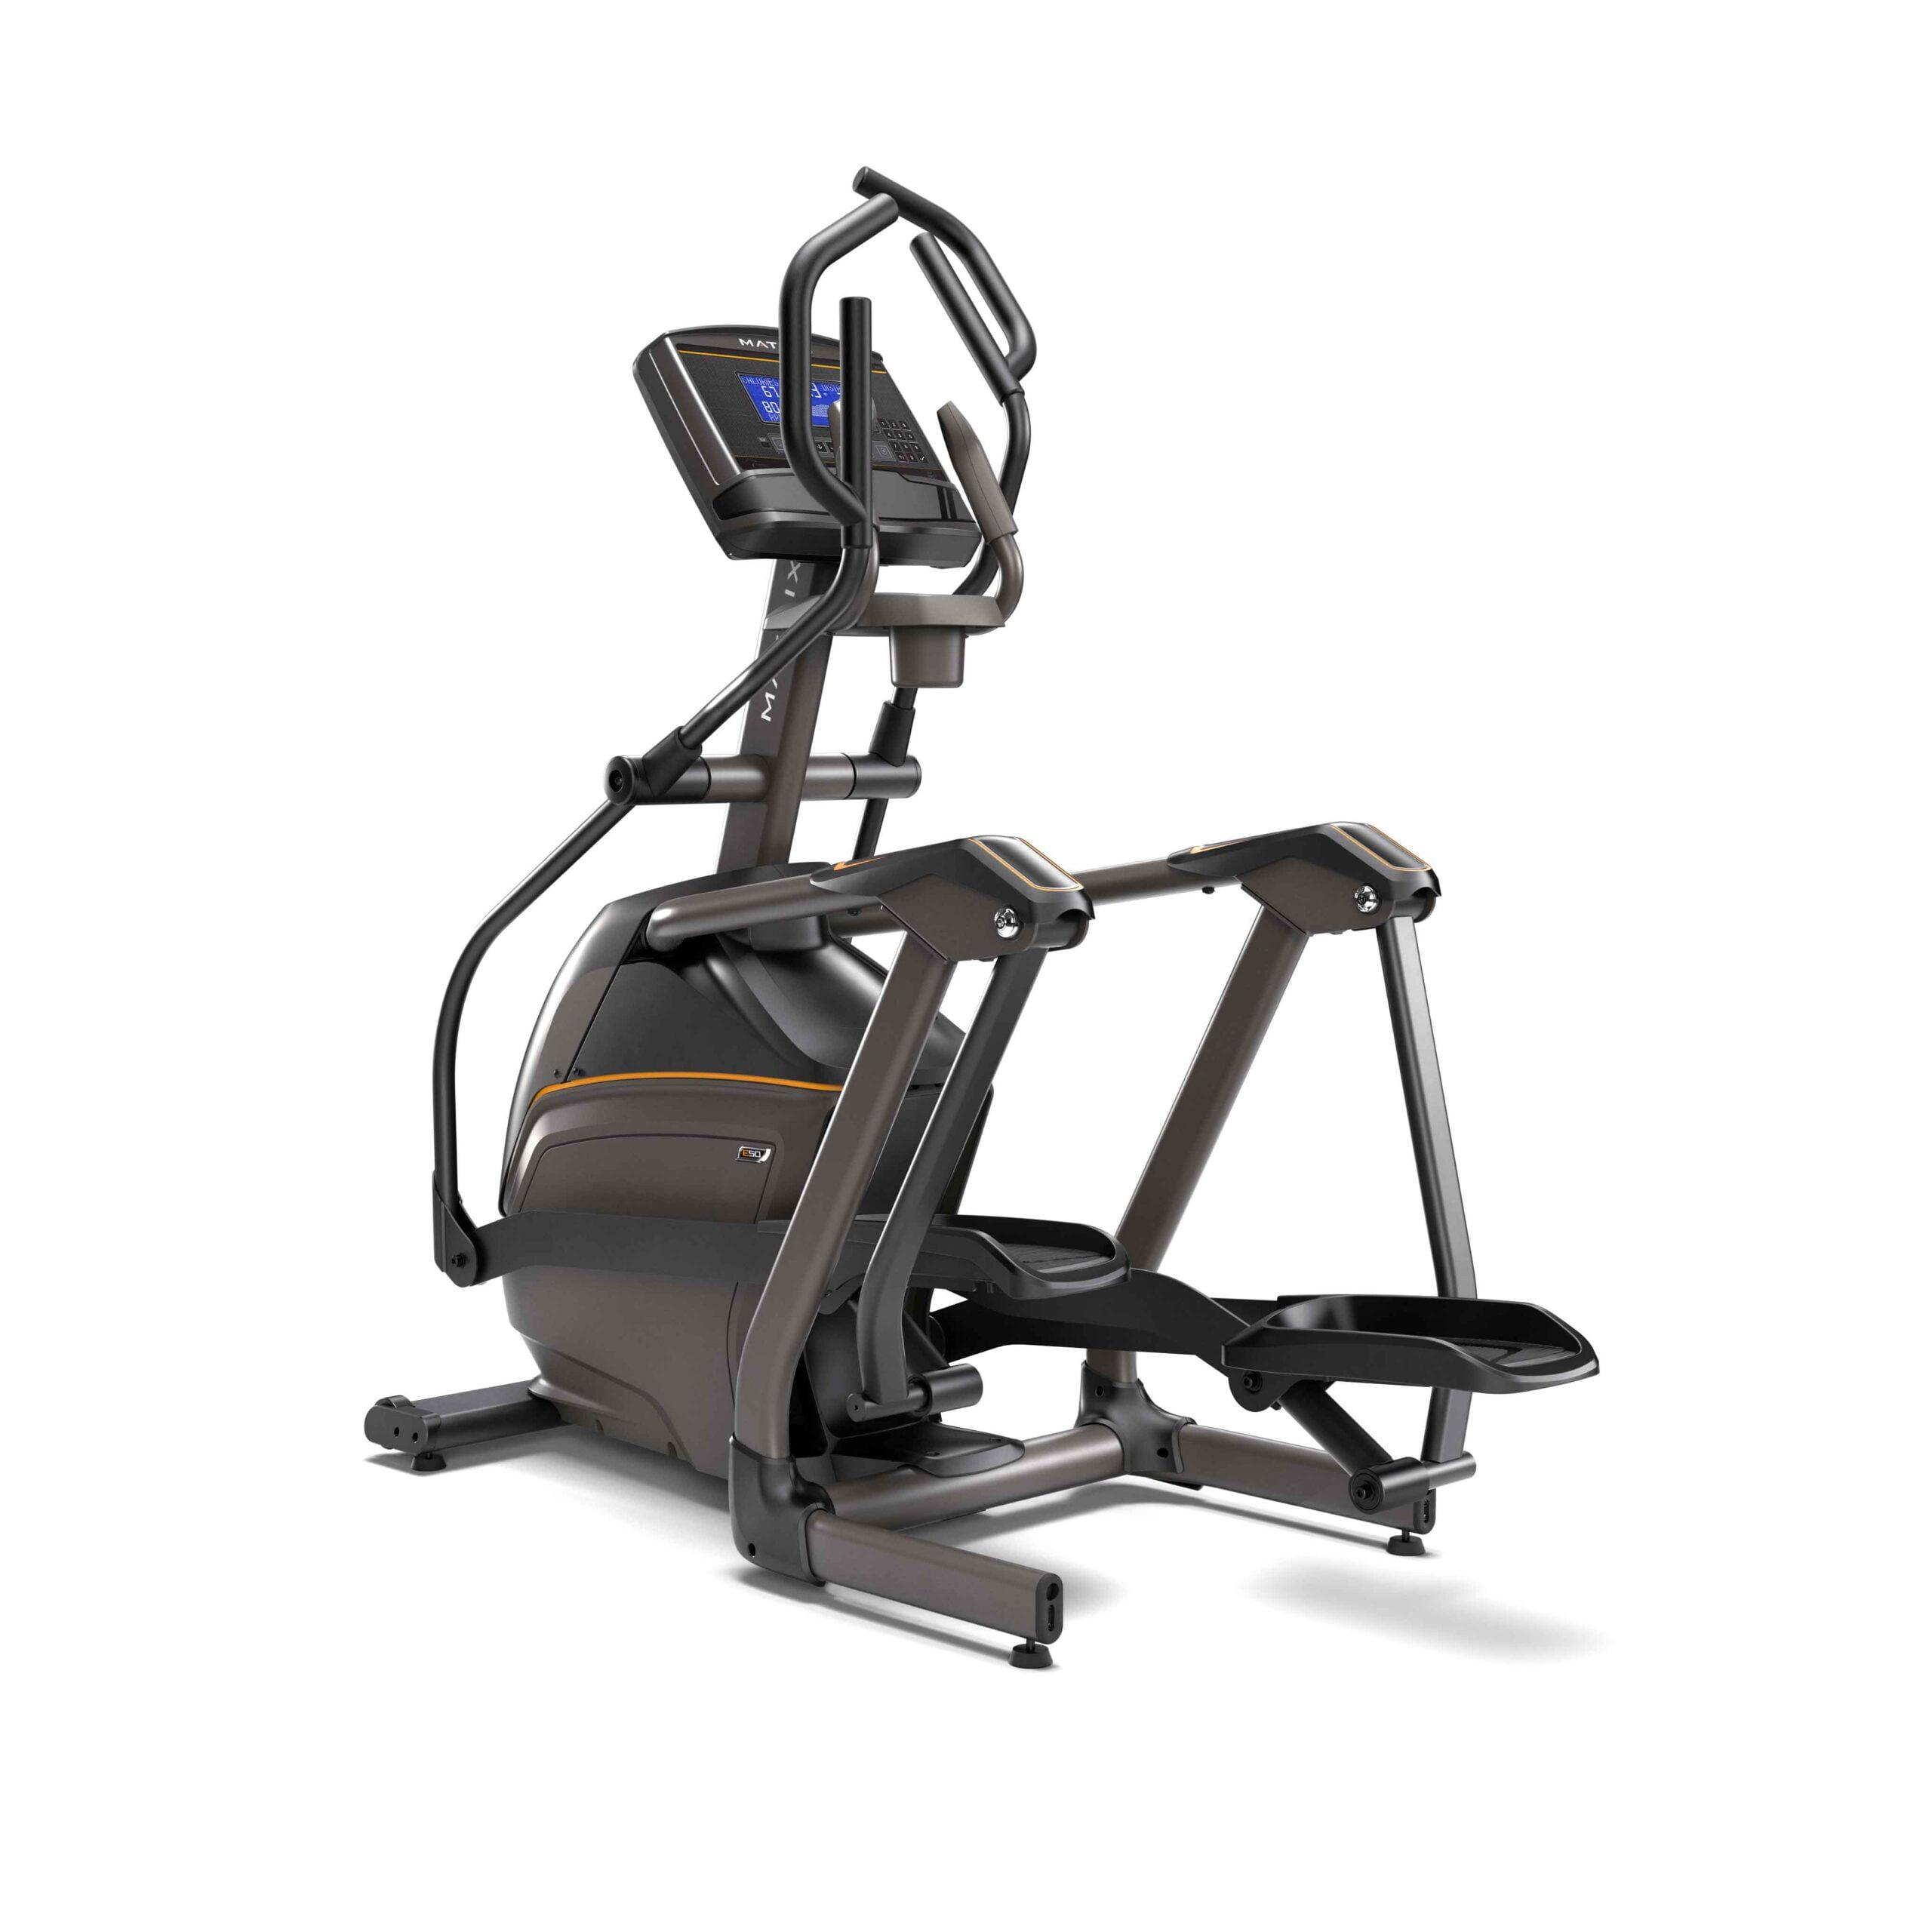 Bicicleta Eliptica Matrix E50 Xr